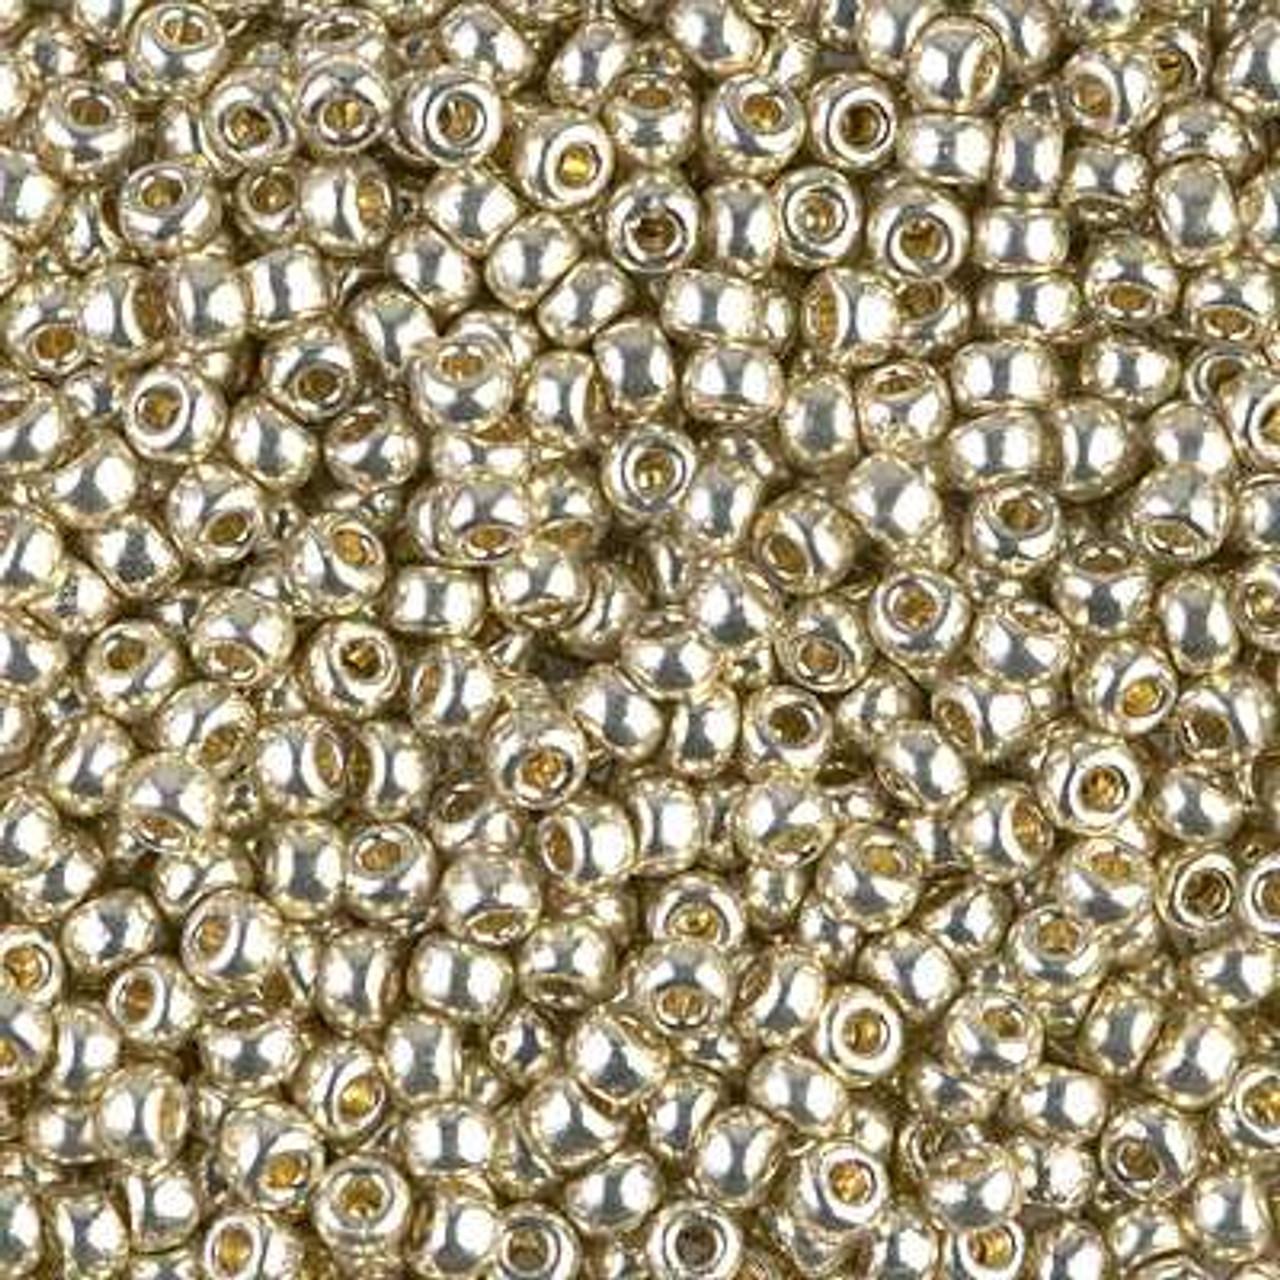 Size 8 Miyuki Round Seed Beads 4201 Eureka Crystal Beads